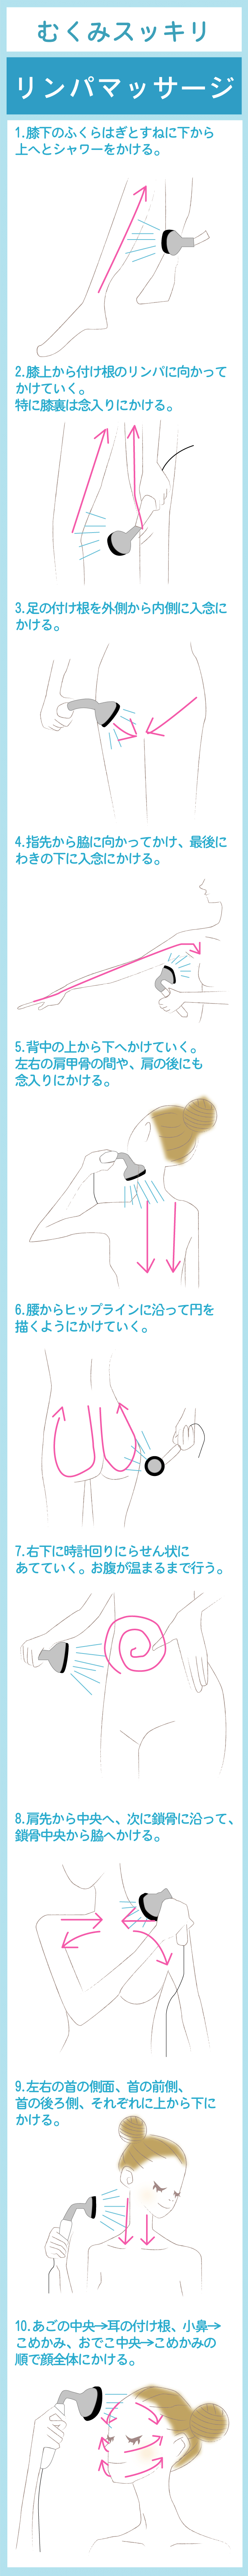 お風呂に浸かれない時にオススメなシャワーで体を十分に温める方法